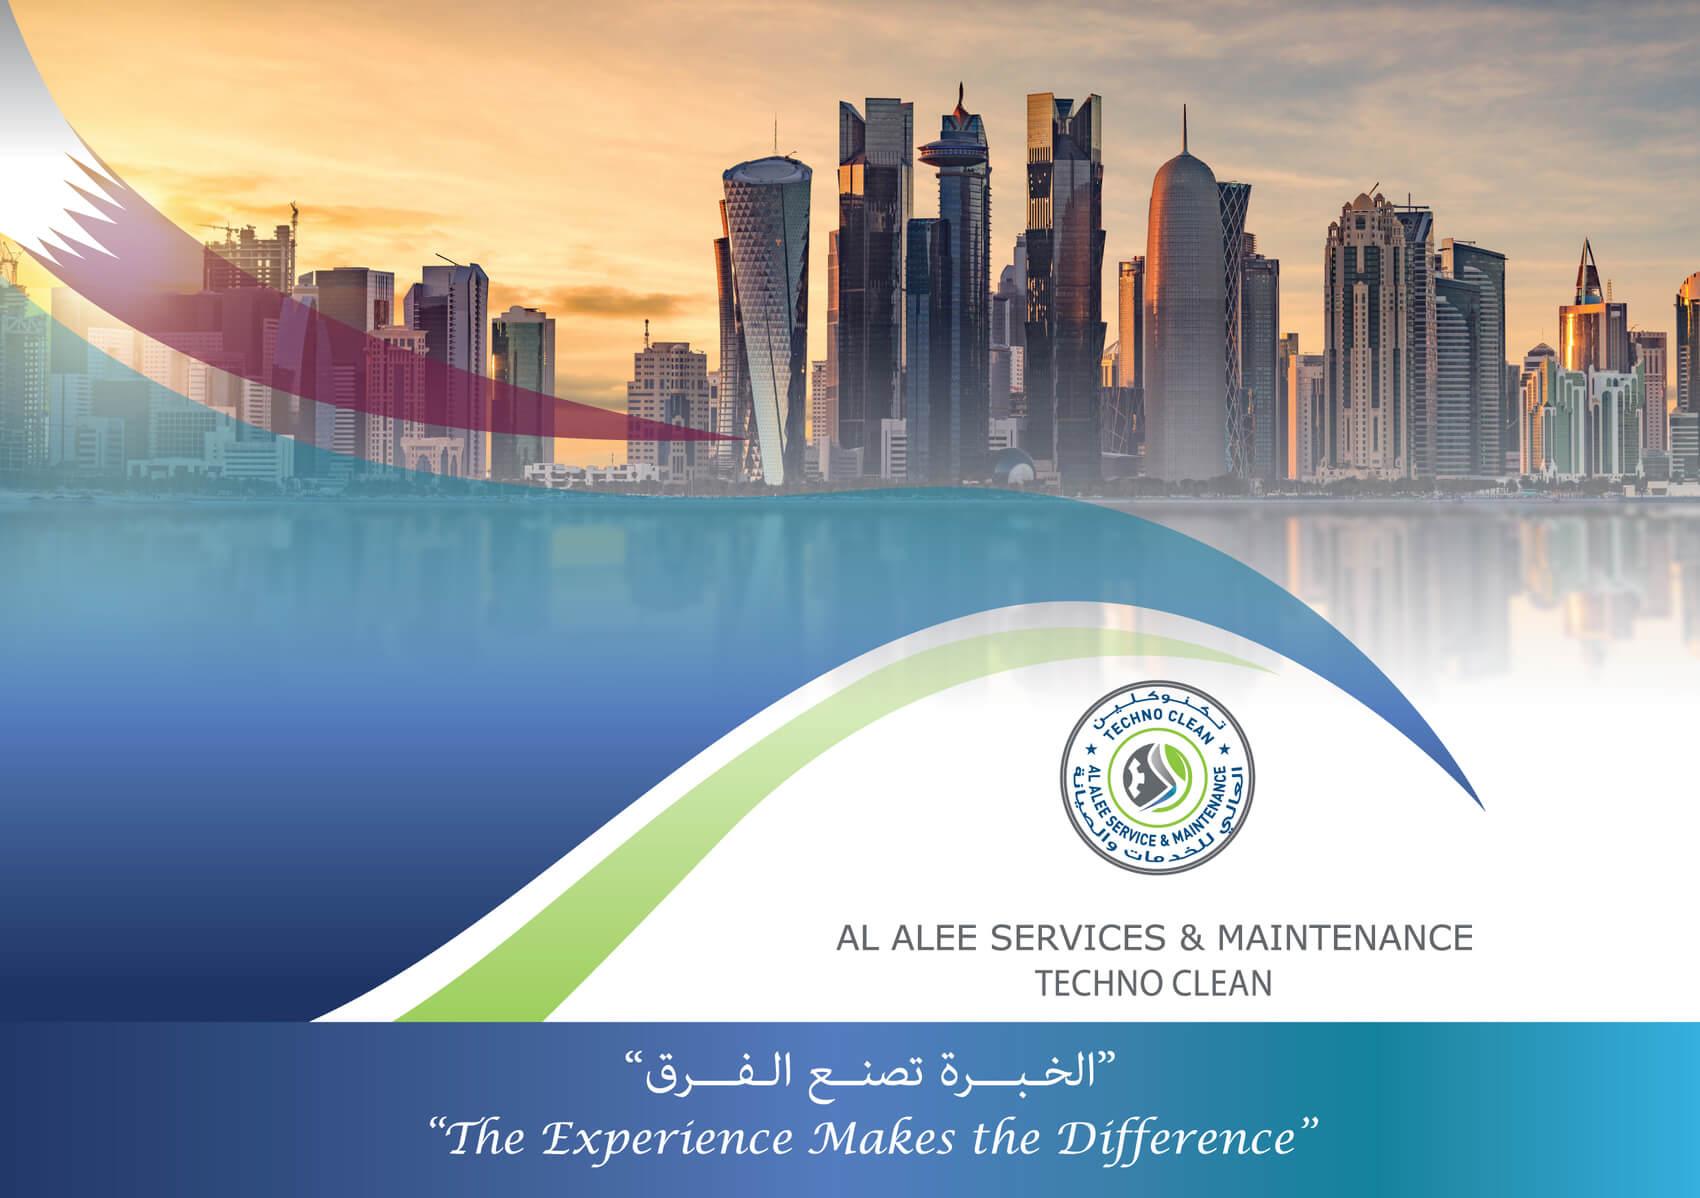 Al Alee Company Profile